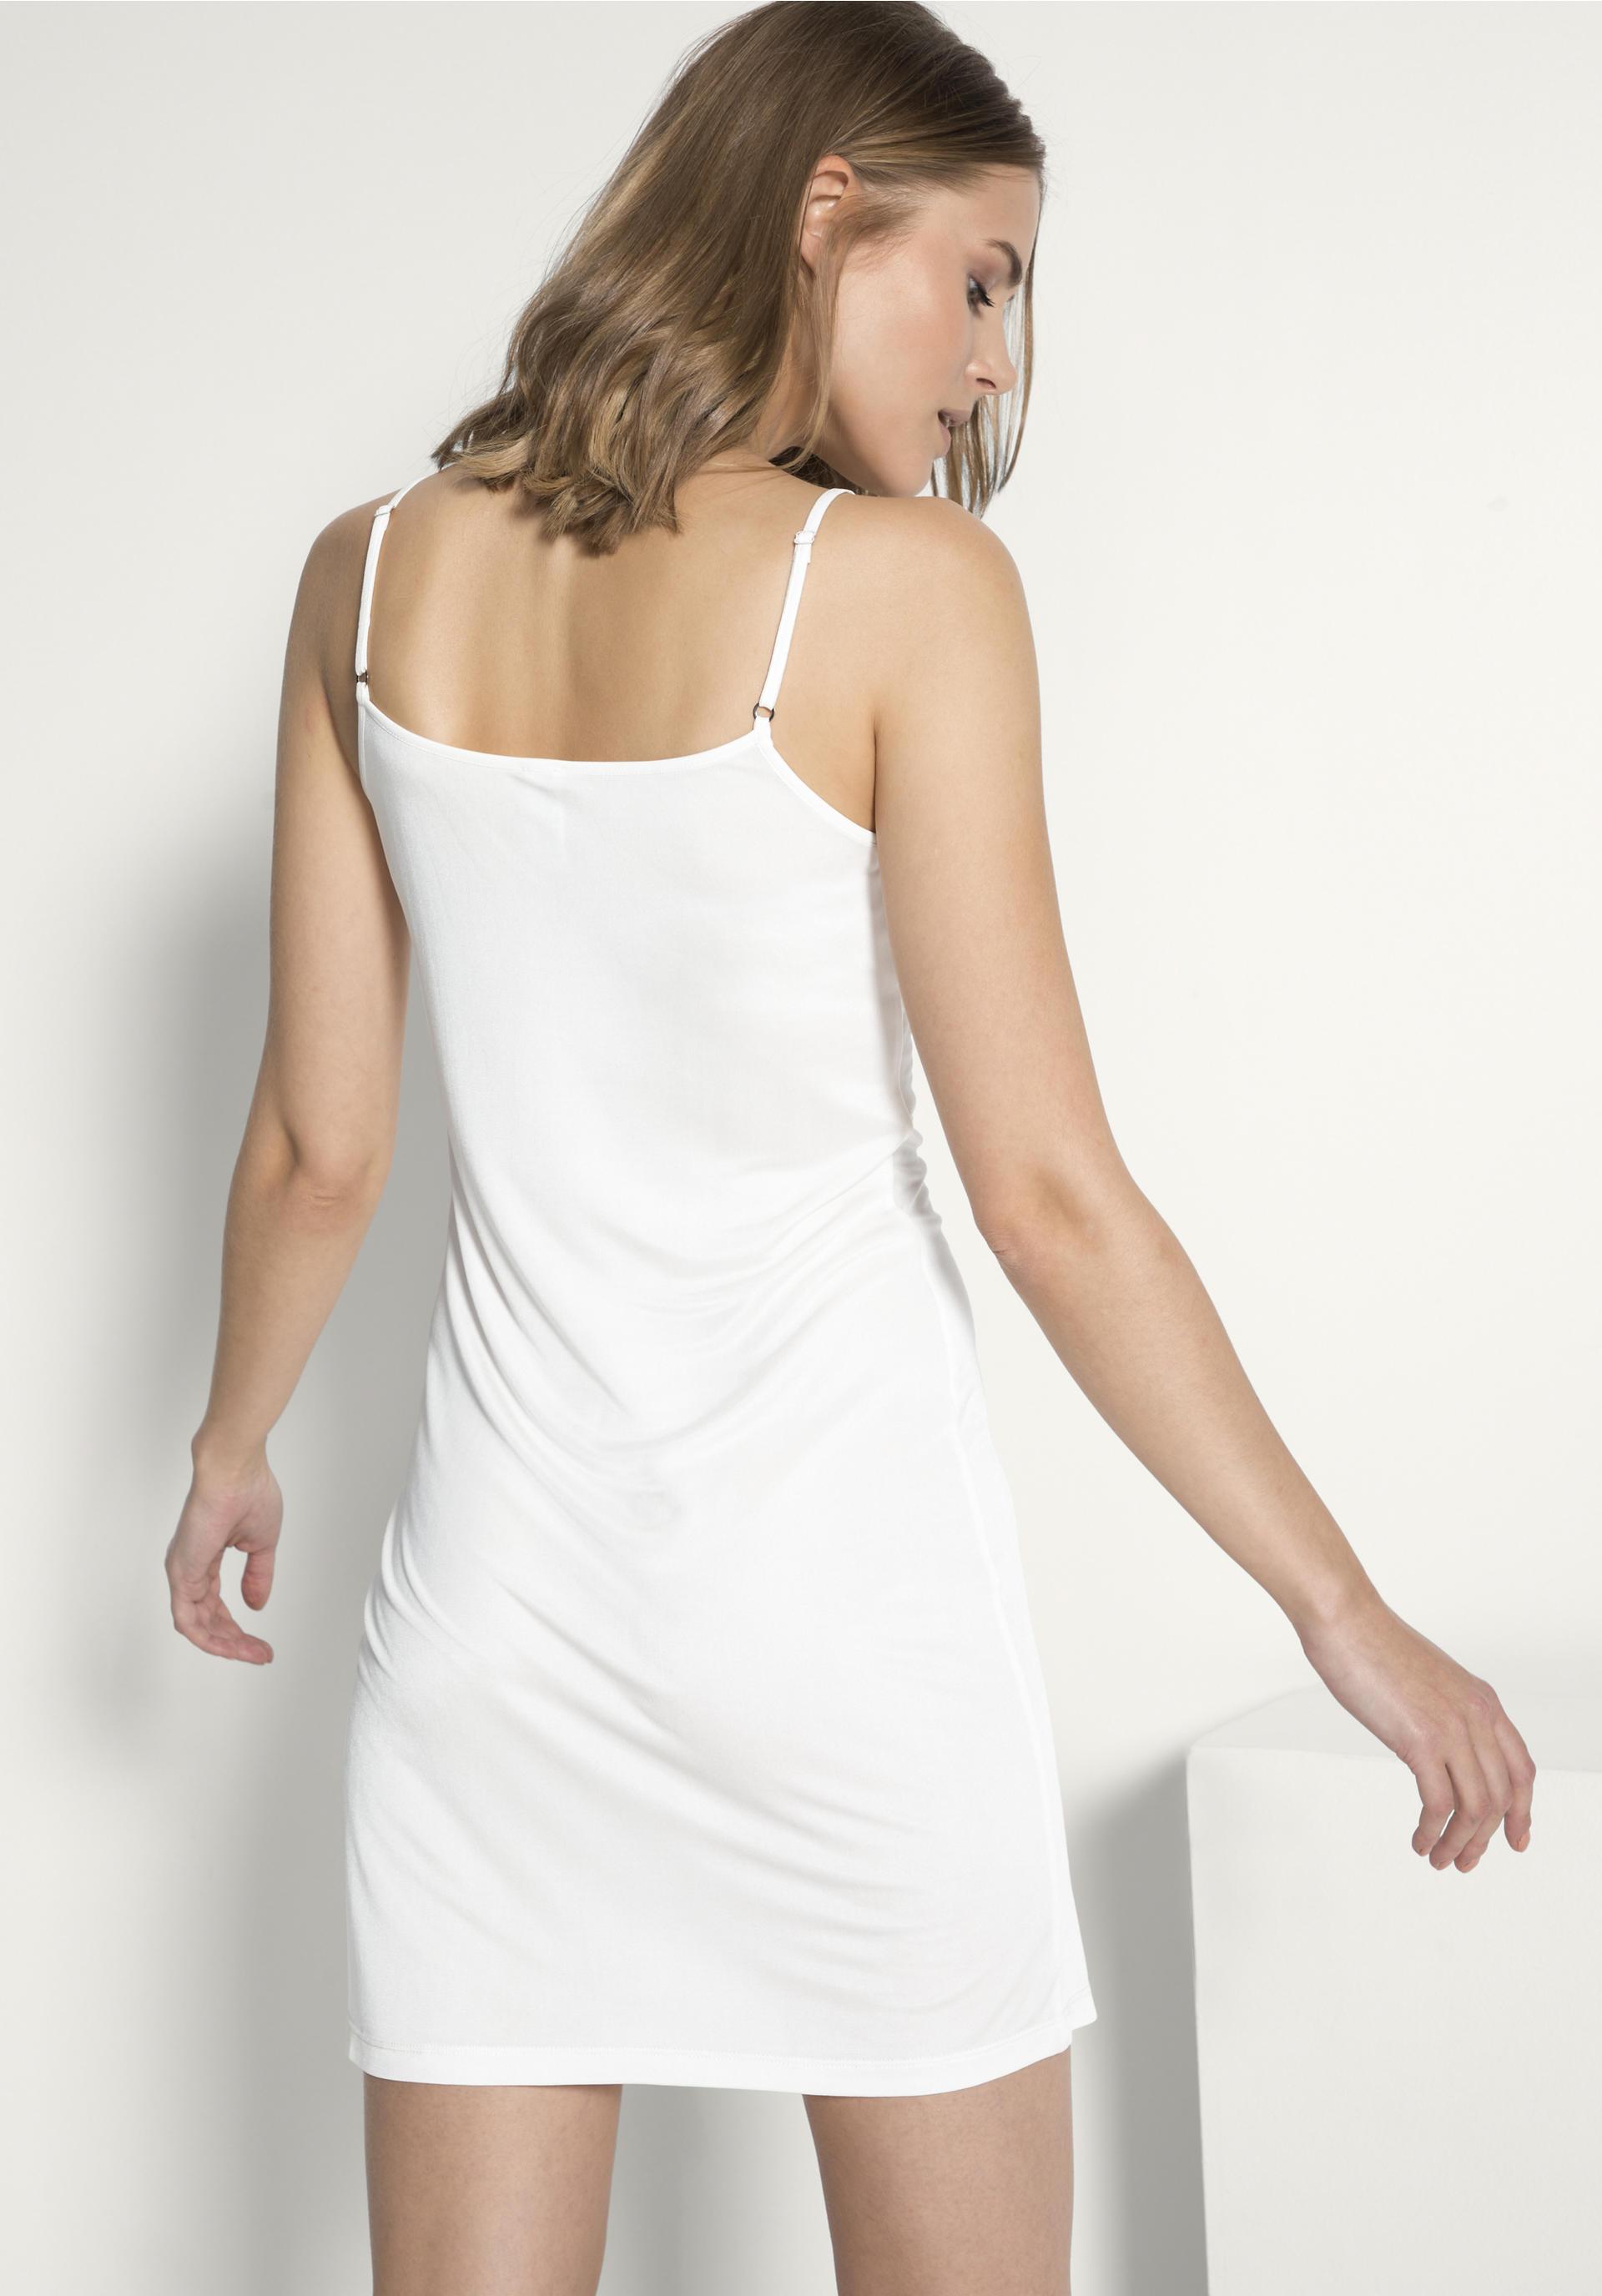 Unterkleid kaufen schweiz